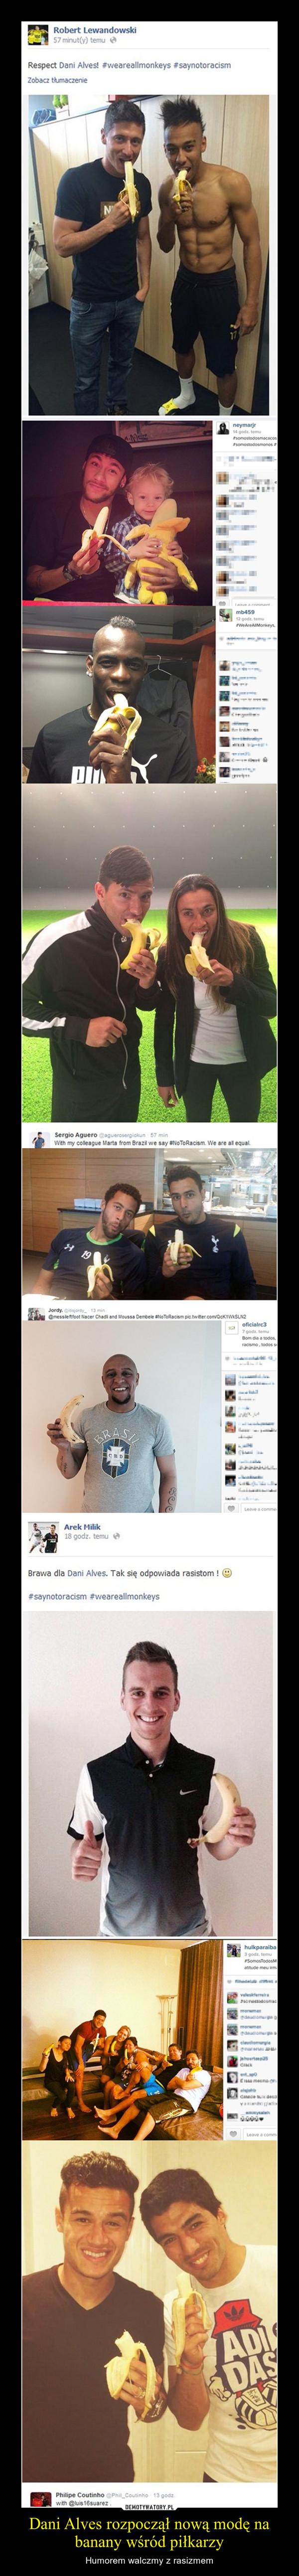 Dani Alves rozpoczął nową modę na banany wśród piłkarzy – Humorem walczmy z rasizmem